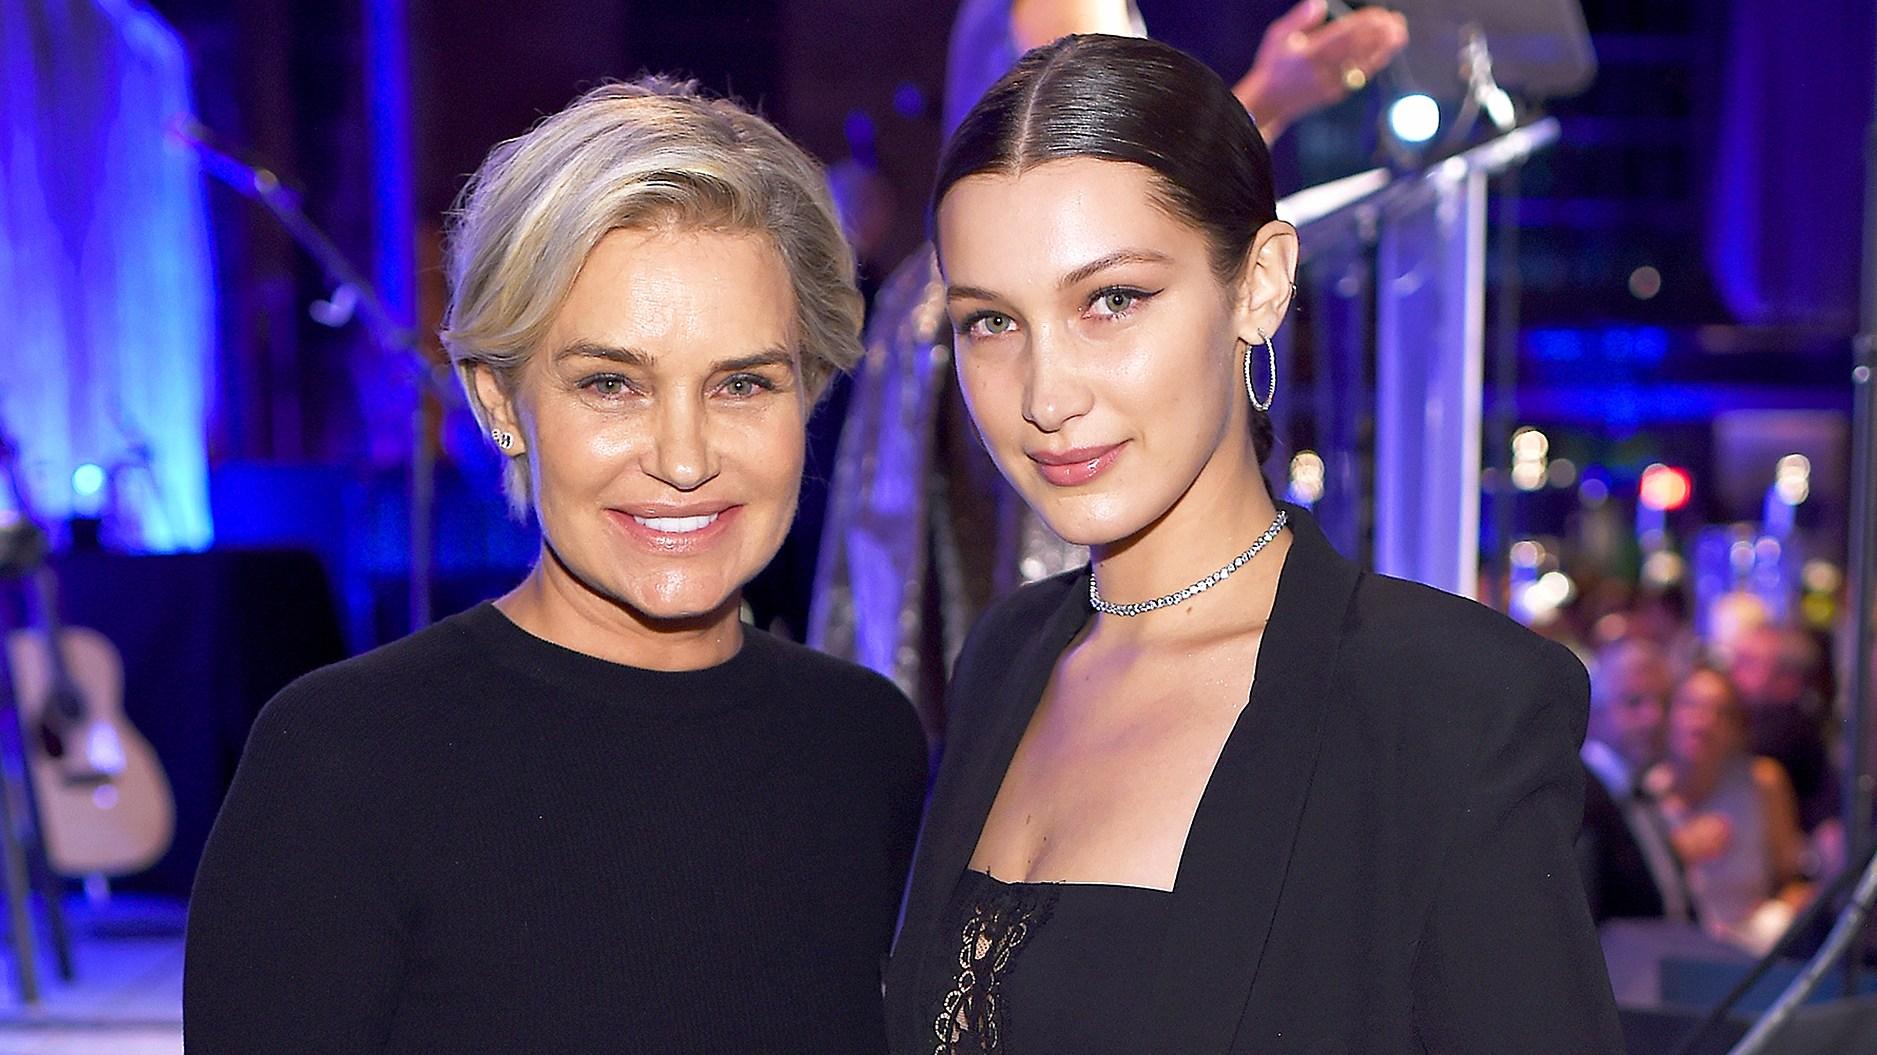 Bella Hadid and Yolanda